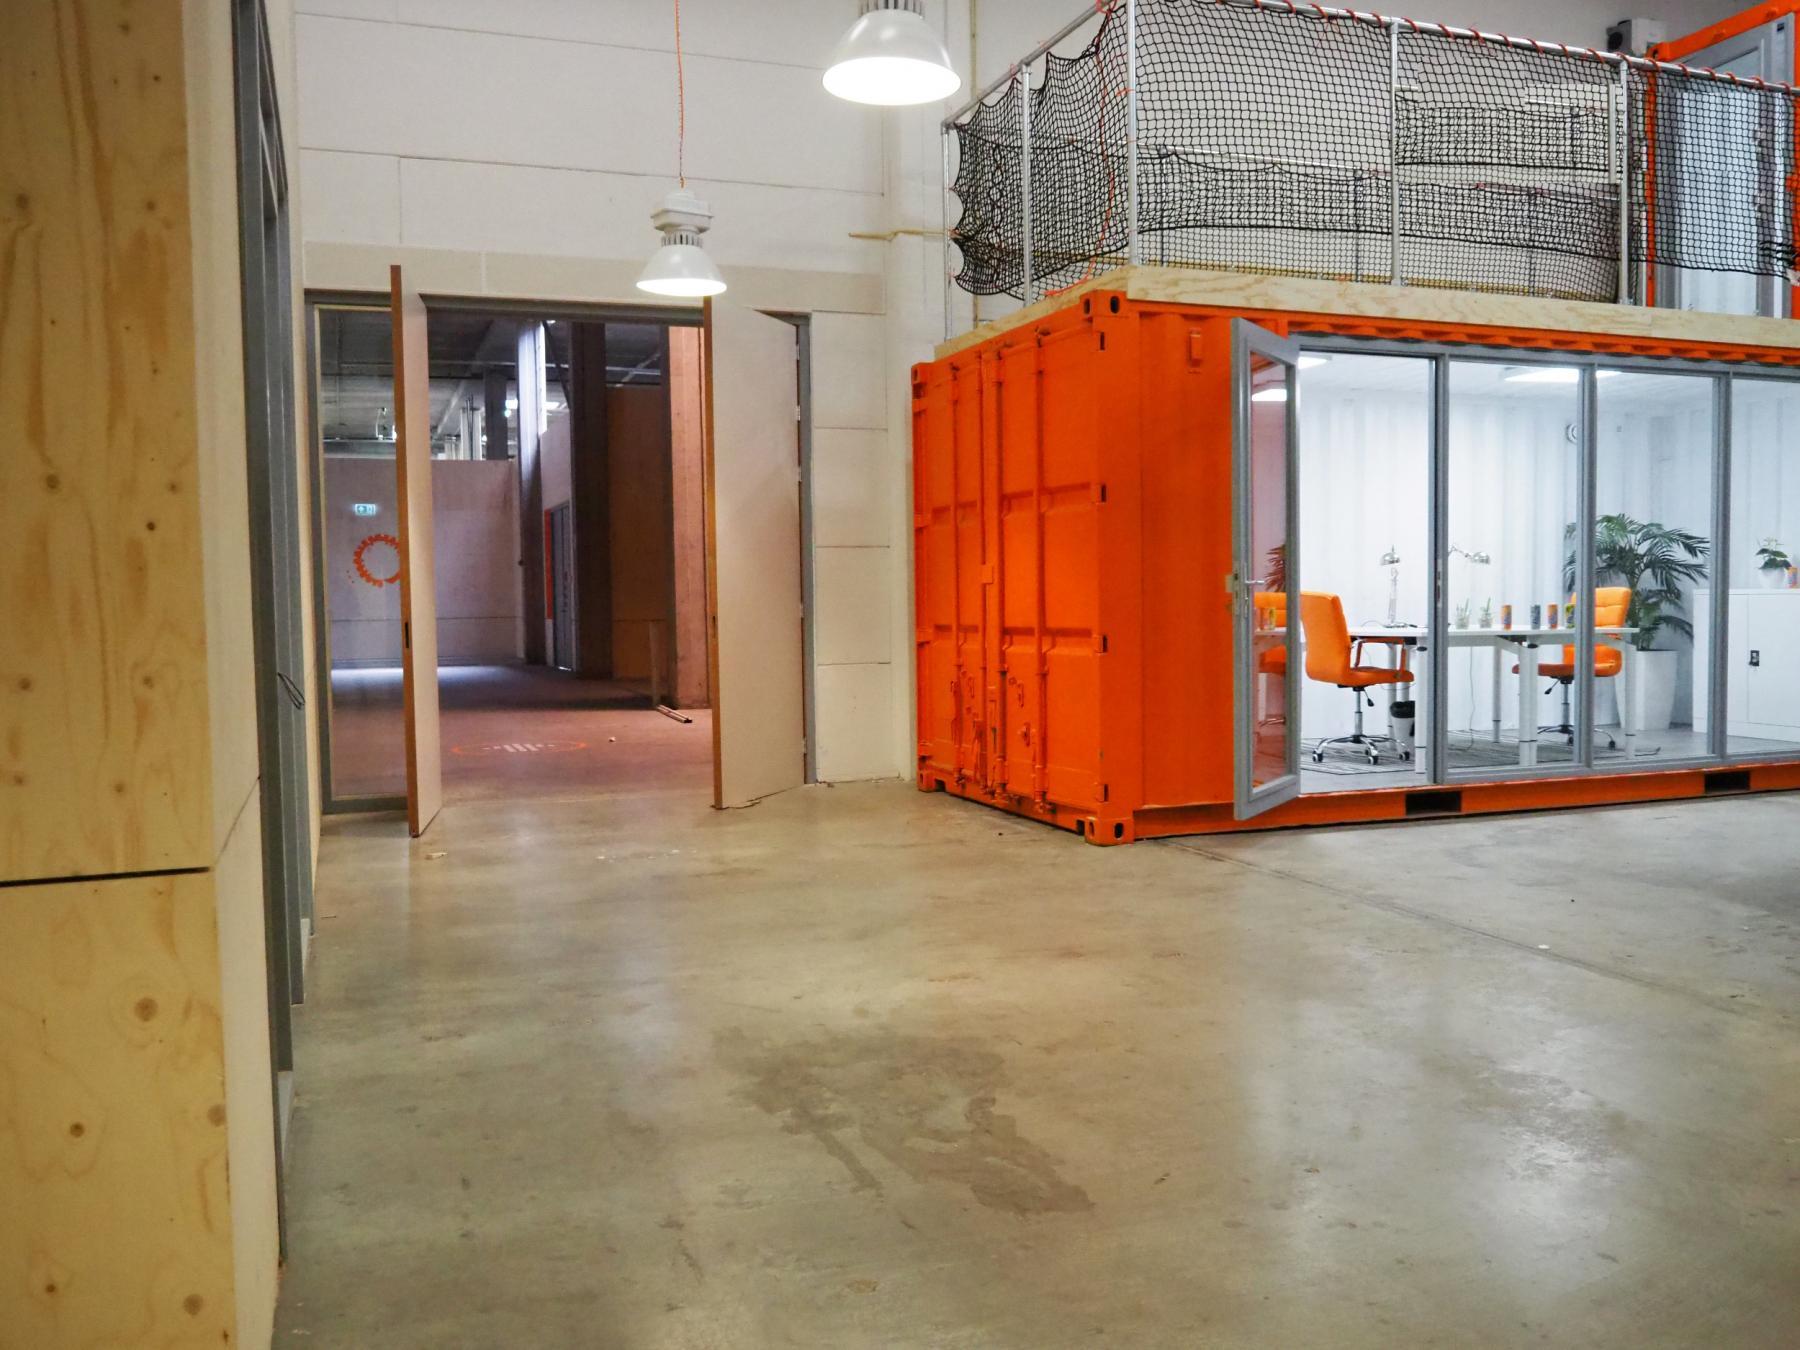 Rent office space Hoofdveste 2, Houten (2)